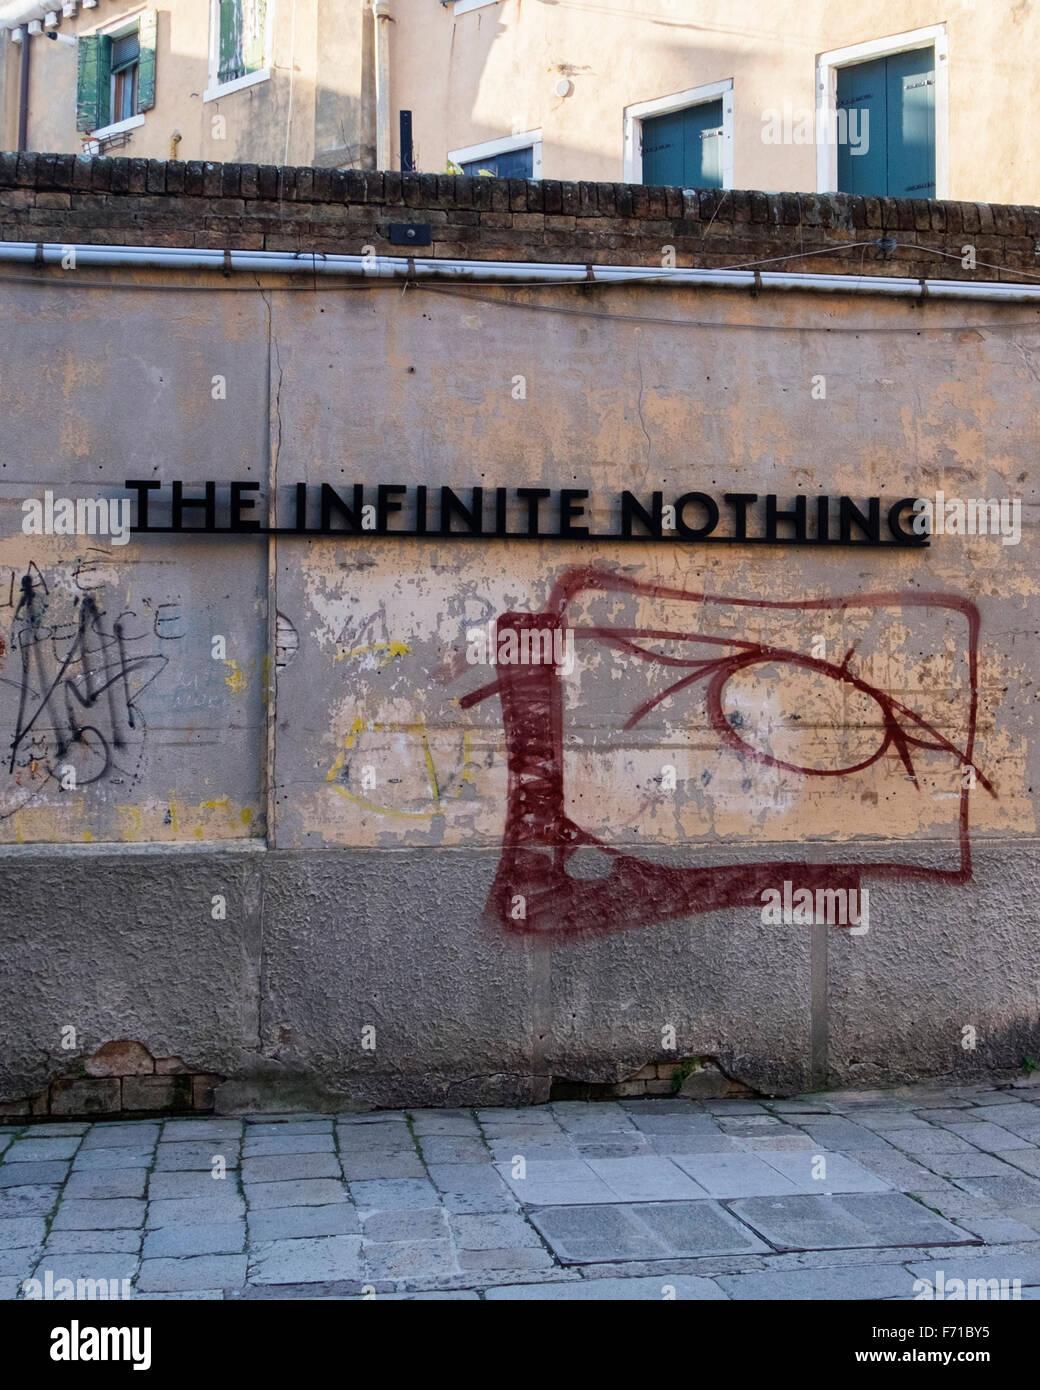 Venecia, Italia. 'El infinito nada' firmar y pintadas en la pared urbana durante la Bienal de Venecia de 2015,La Biennale di Venezia, bienales de arte. Foto de stock